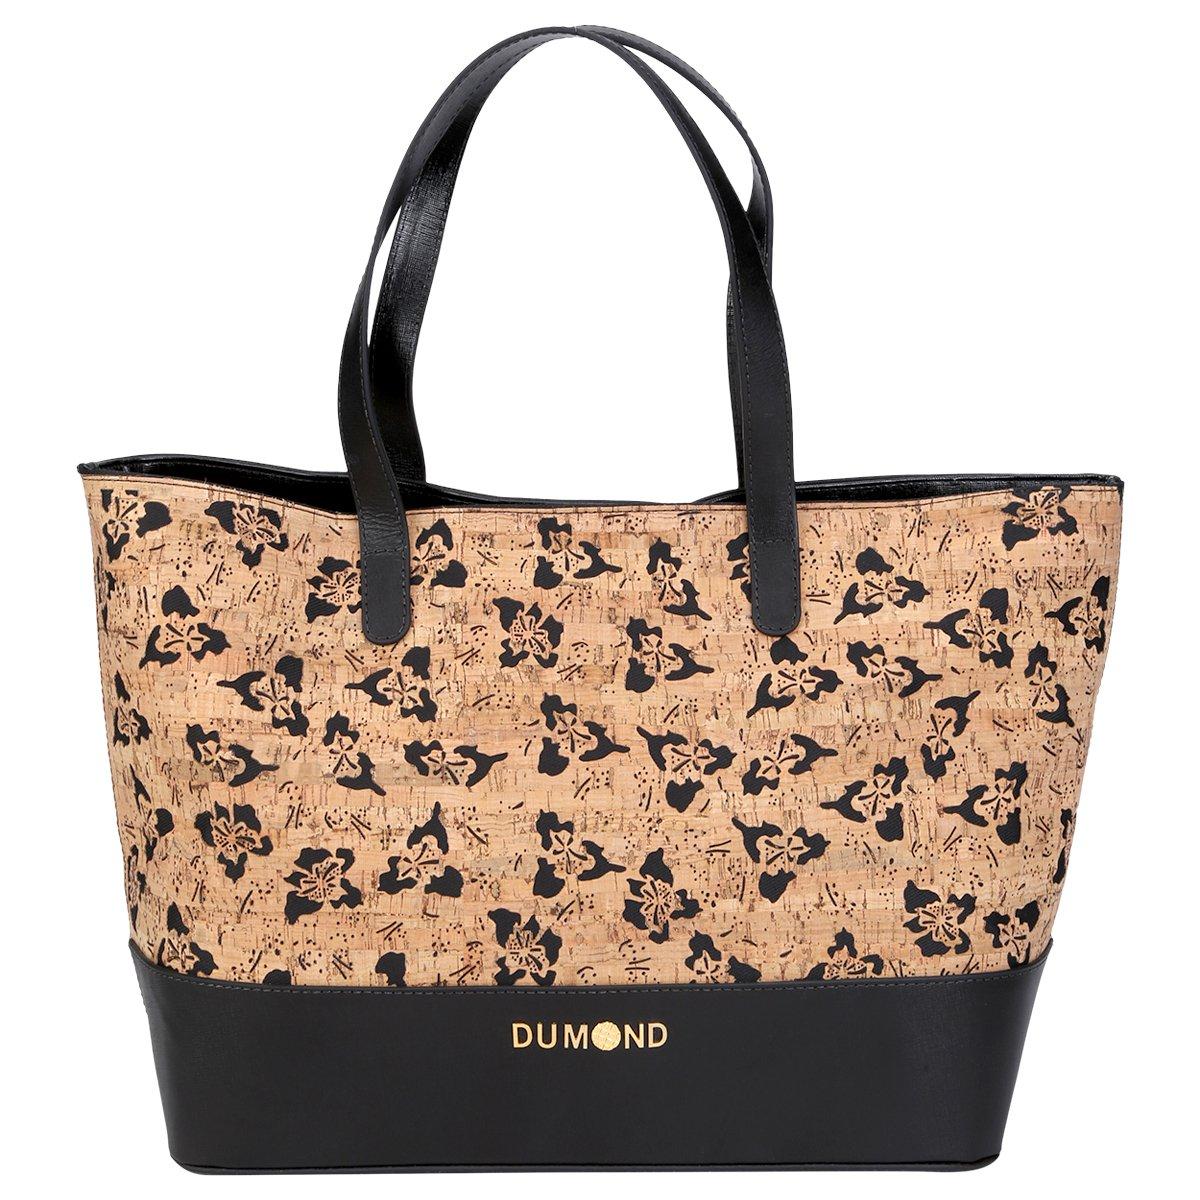 a5f2a9e52 Bolsa Dumond Shop. Bag Cortiça Flores - Compre Agora | Netshoes